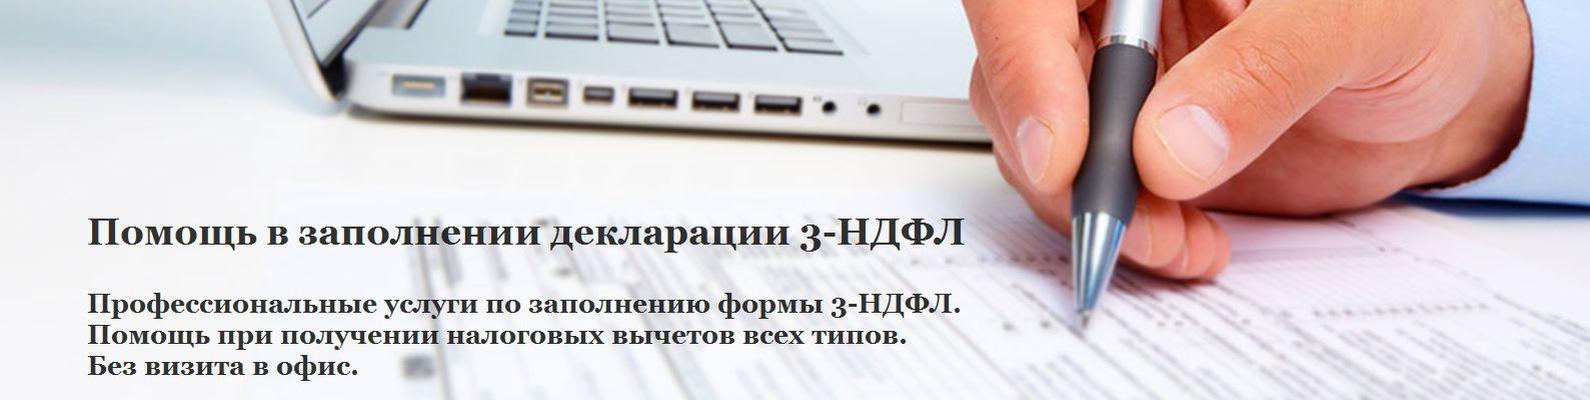 Помощь в заполнении декларации 3 ндфл в спб приложения к заявлению о регистрации ип